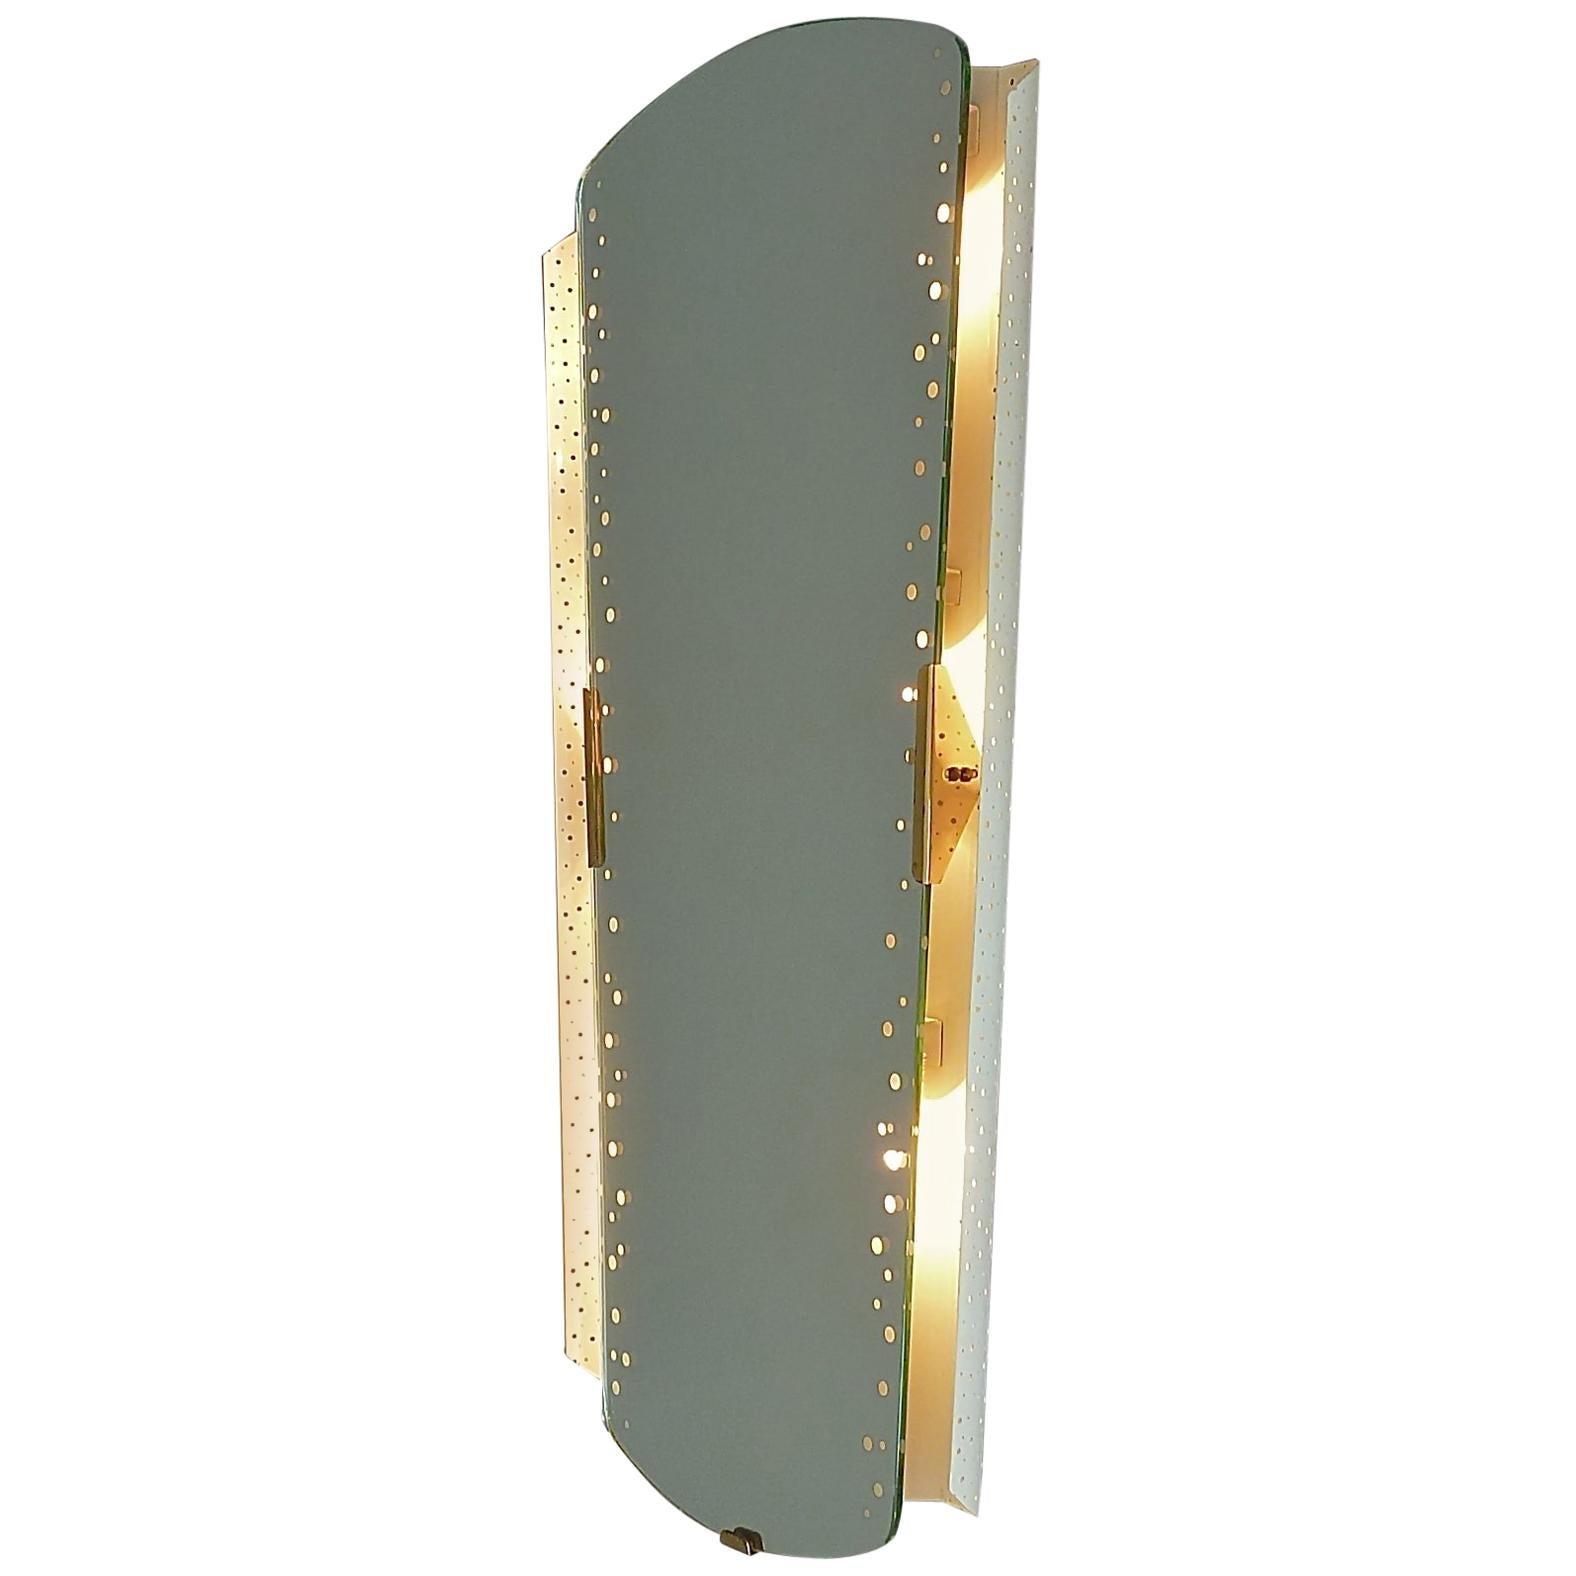 Large Illuminated Mirror Igl for Hillebrand White Enameled Brass Mategot Style